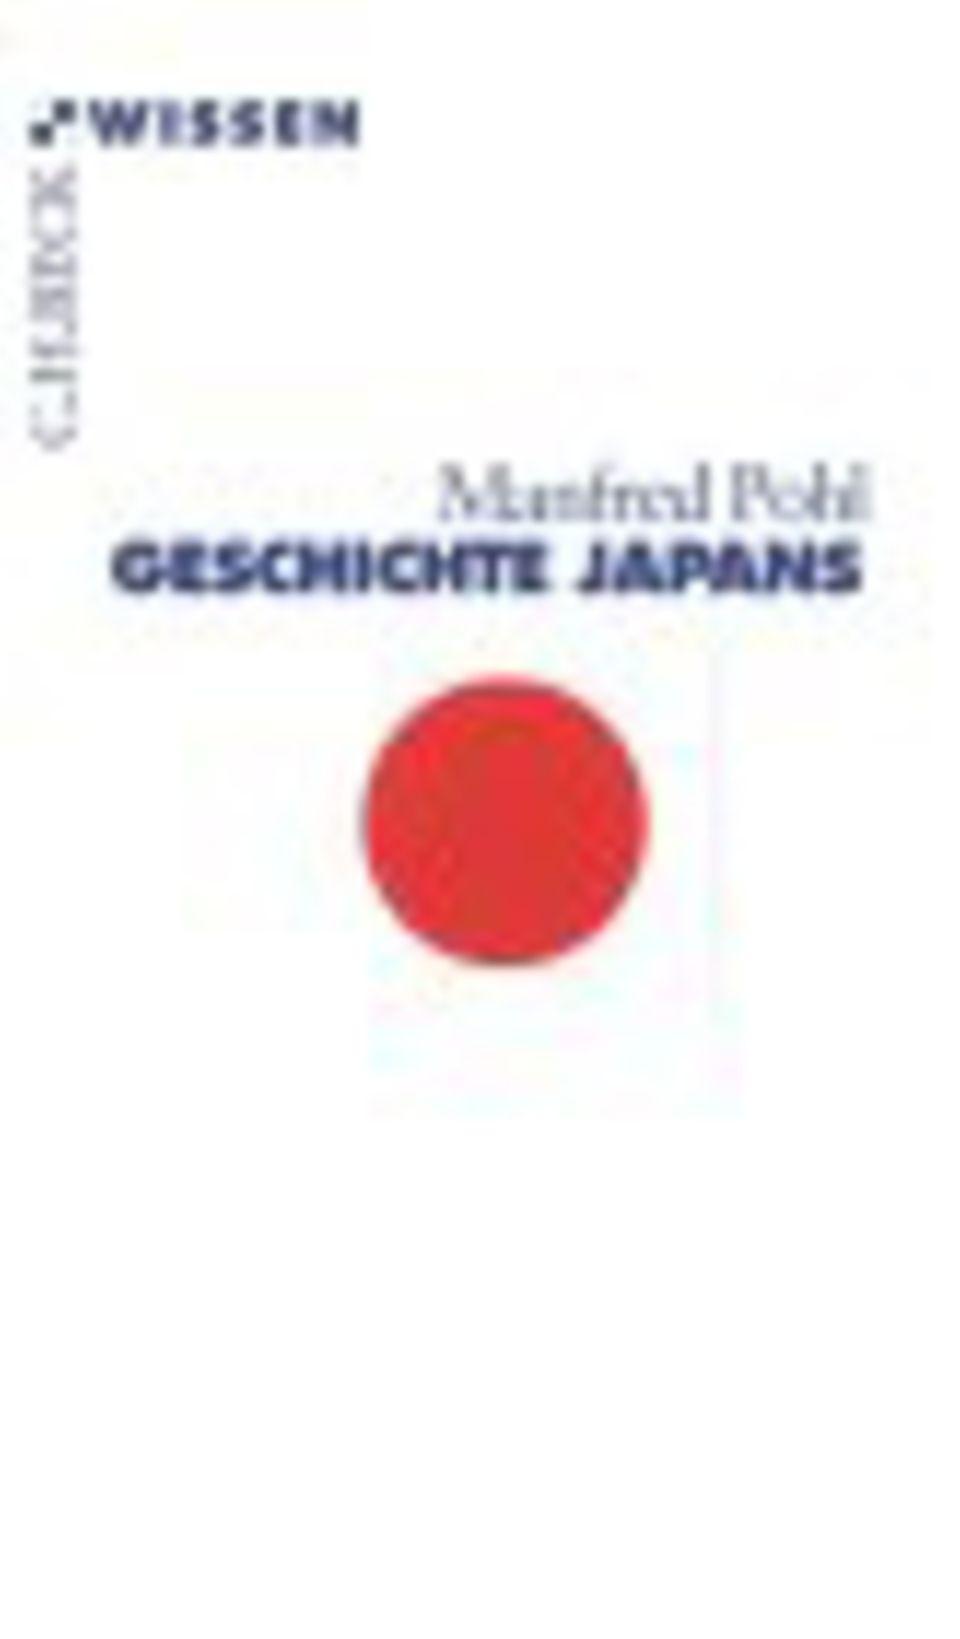 Buchtipps: Das japanische Kaiserreich